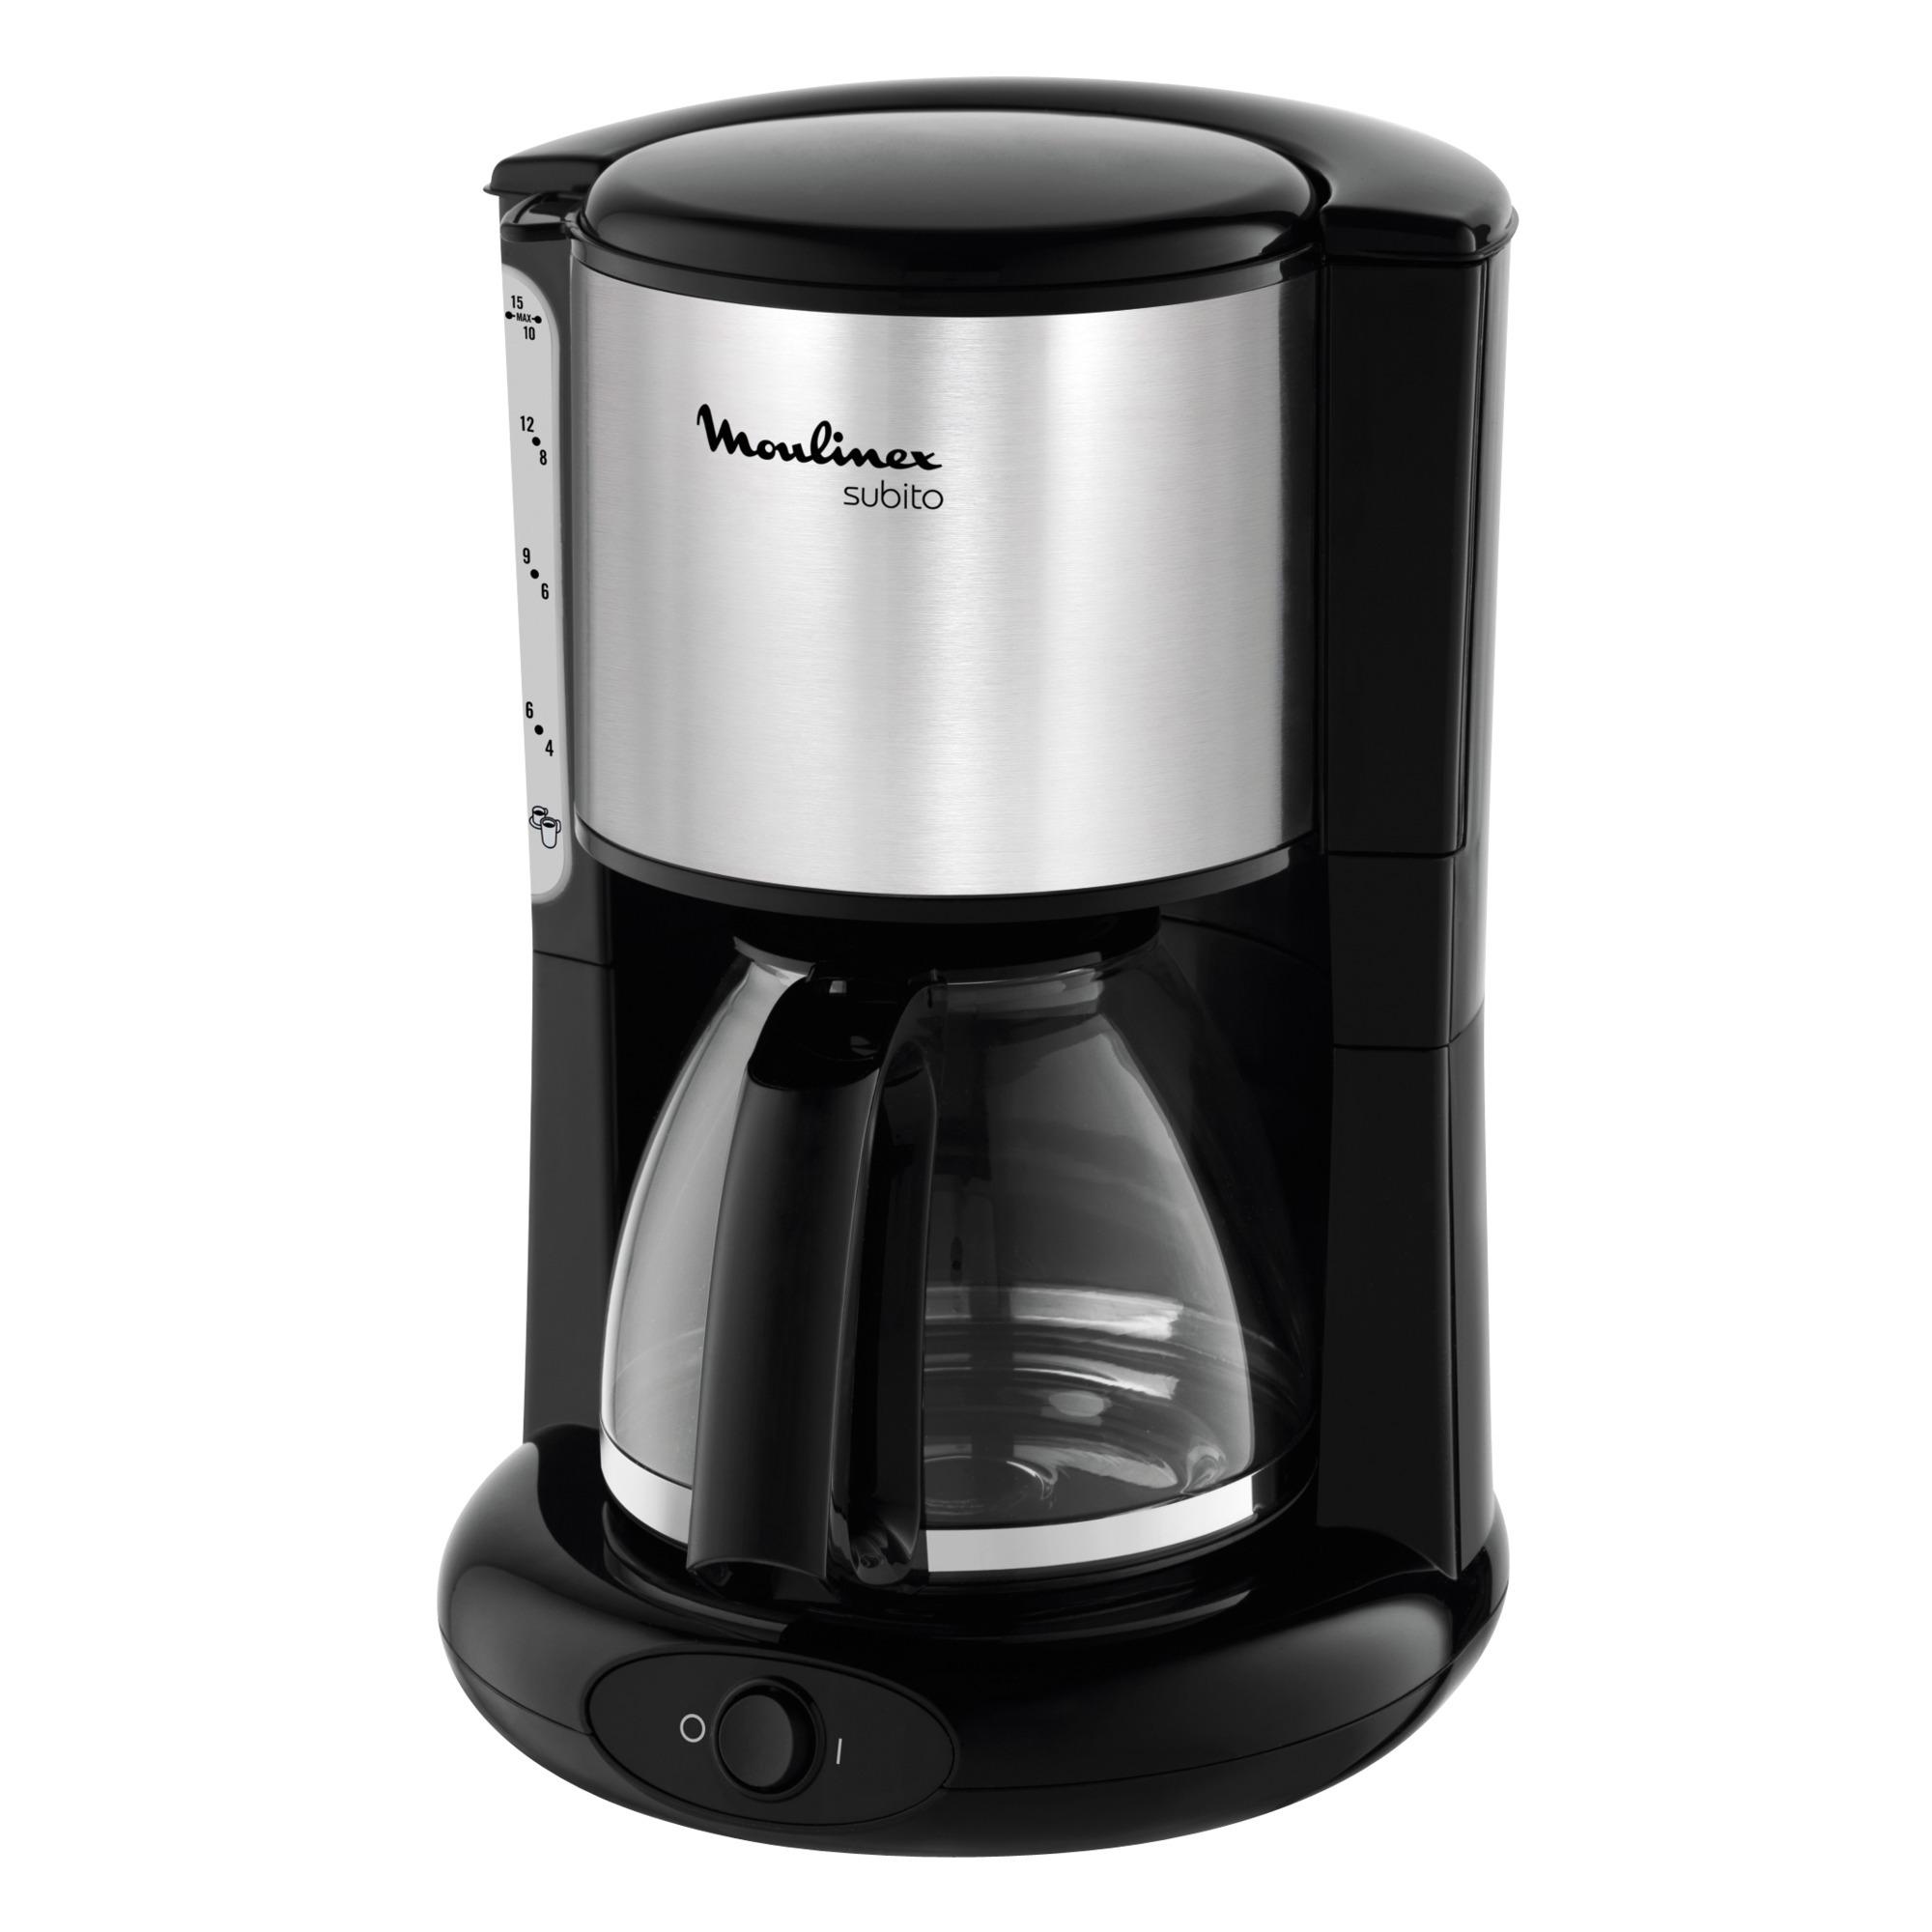 FG360811 Independiente Cafetera de filtro Negro, Acero inoxidable cafetera eléctrica